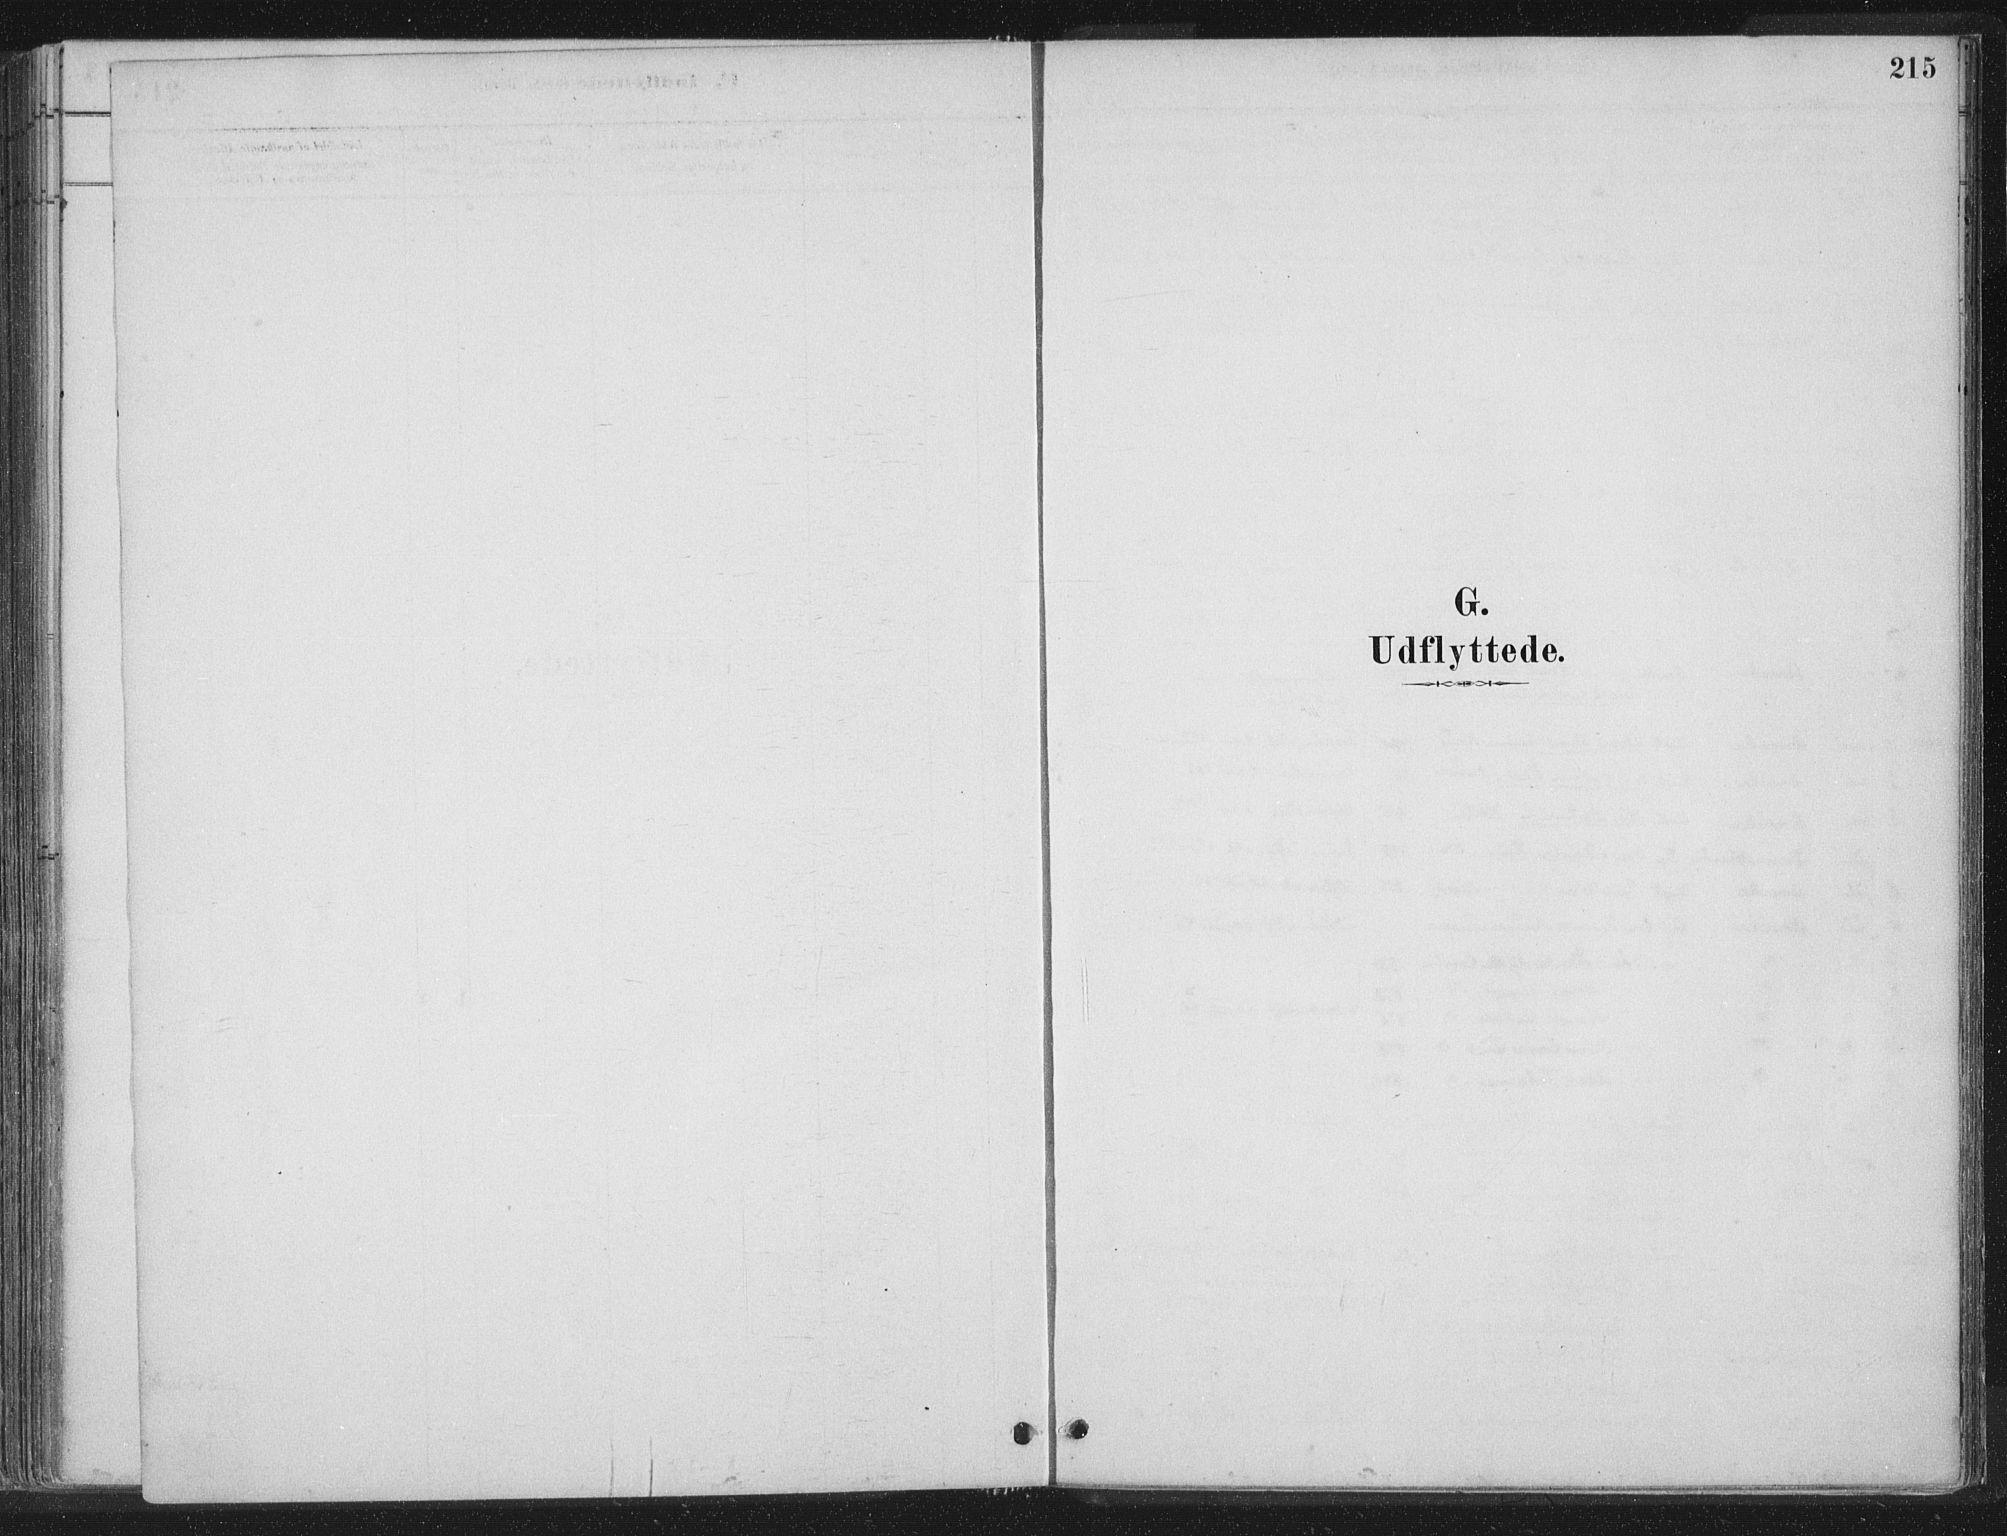 SAT, Ministerialprotokoller, klokkerbøker og fødselsregistre - Nord-Trøndelag, 788/L0697: Ministerialbok nr. 788A04, 1878-1902, s. 215